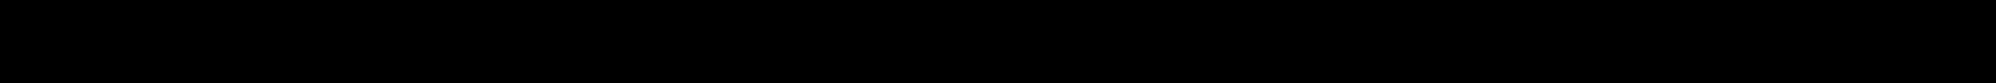 Fenotype Sample Text